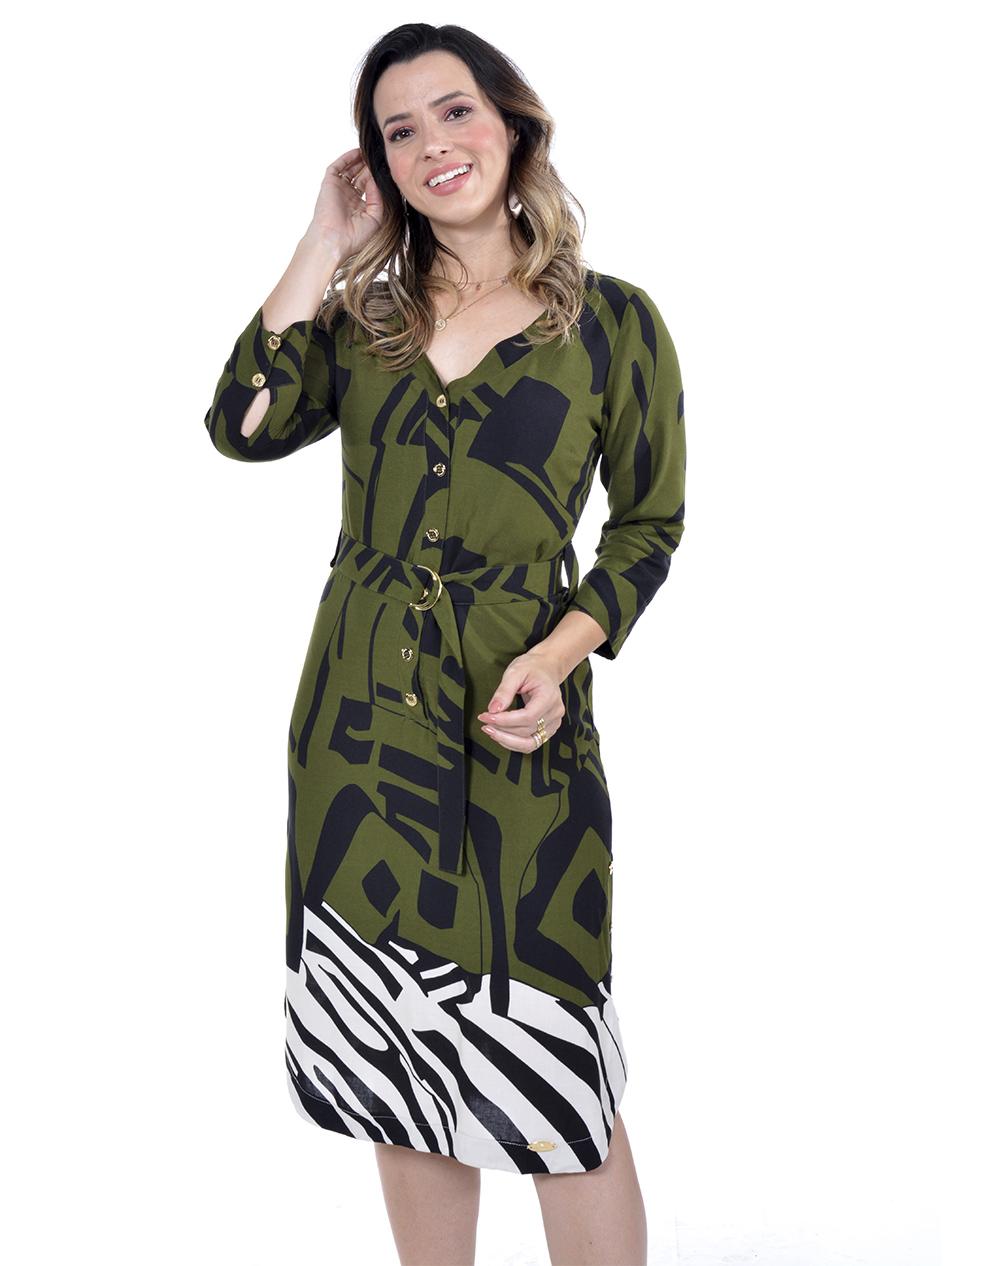 vestido em viscose, estampa de Tigre barraca